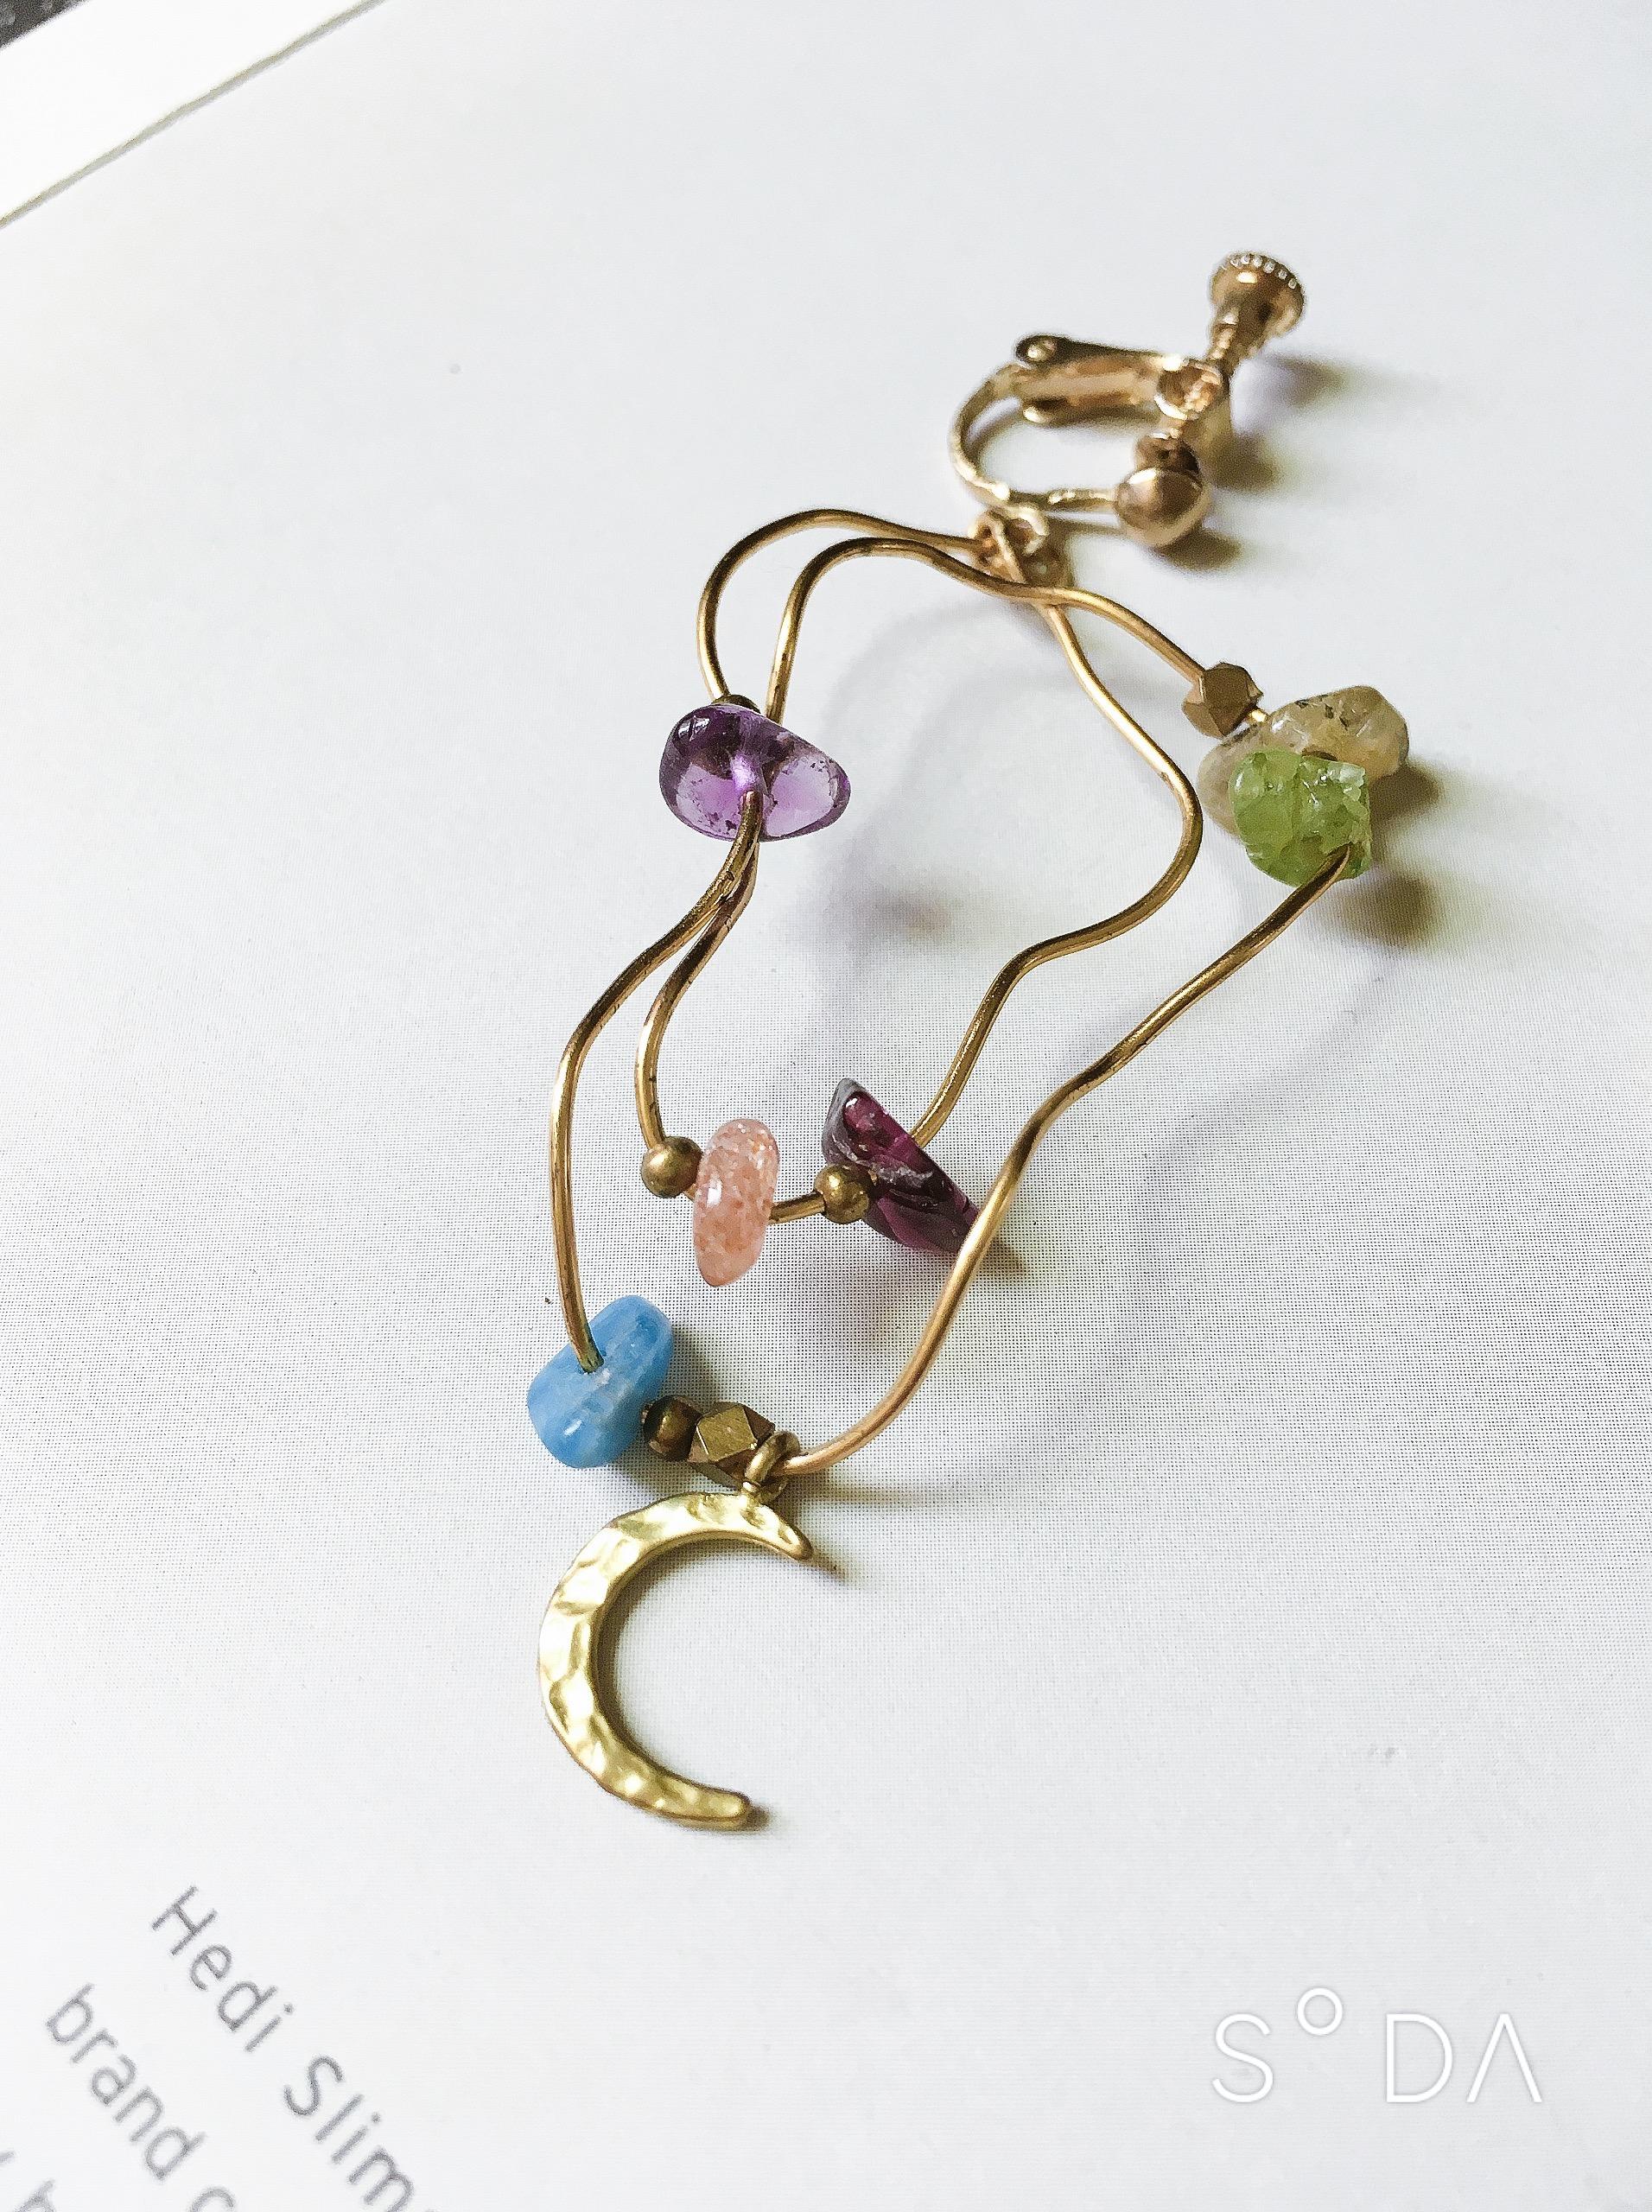 塗鴉 彩虹驕傲 恣意曲線耳環